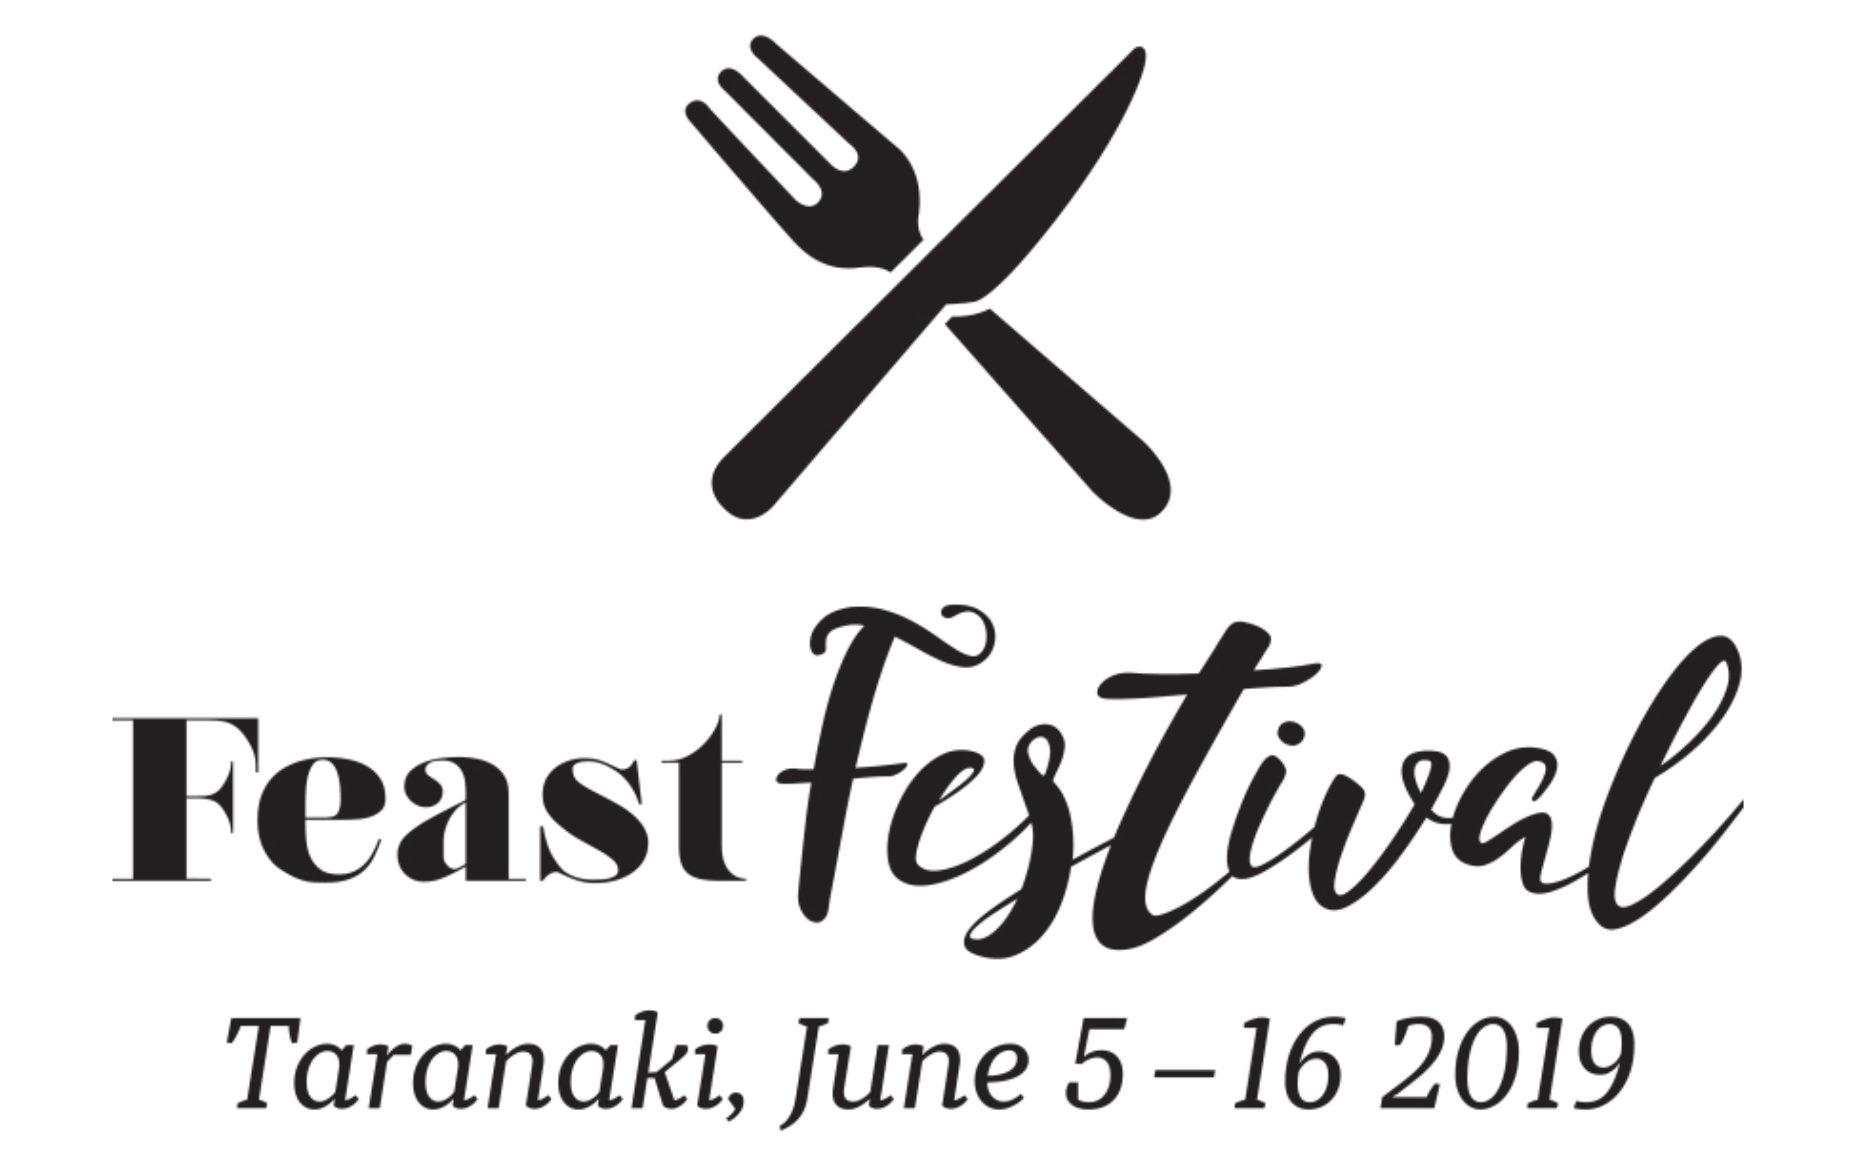 Feast Festival Brand 2019 Full Bbg